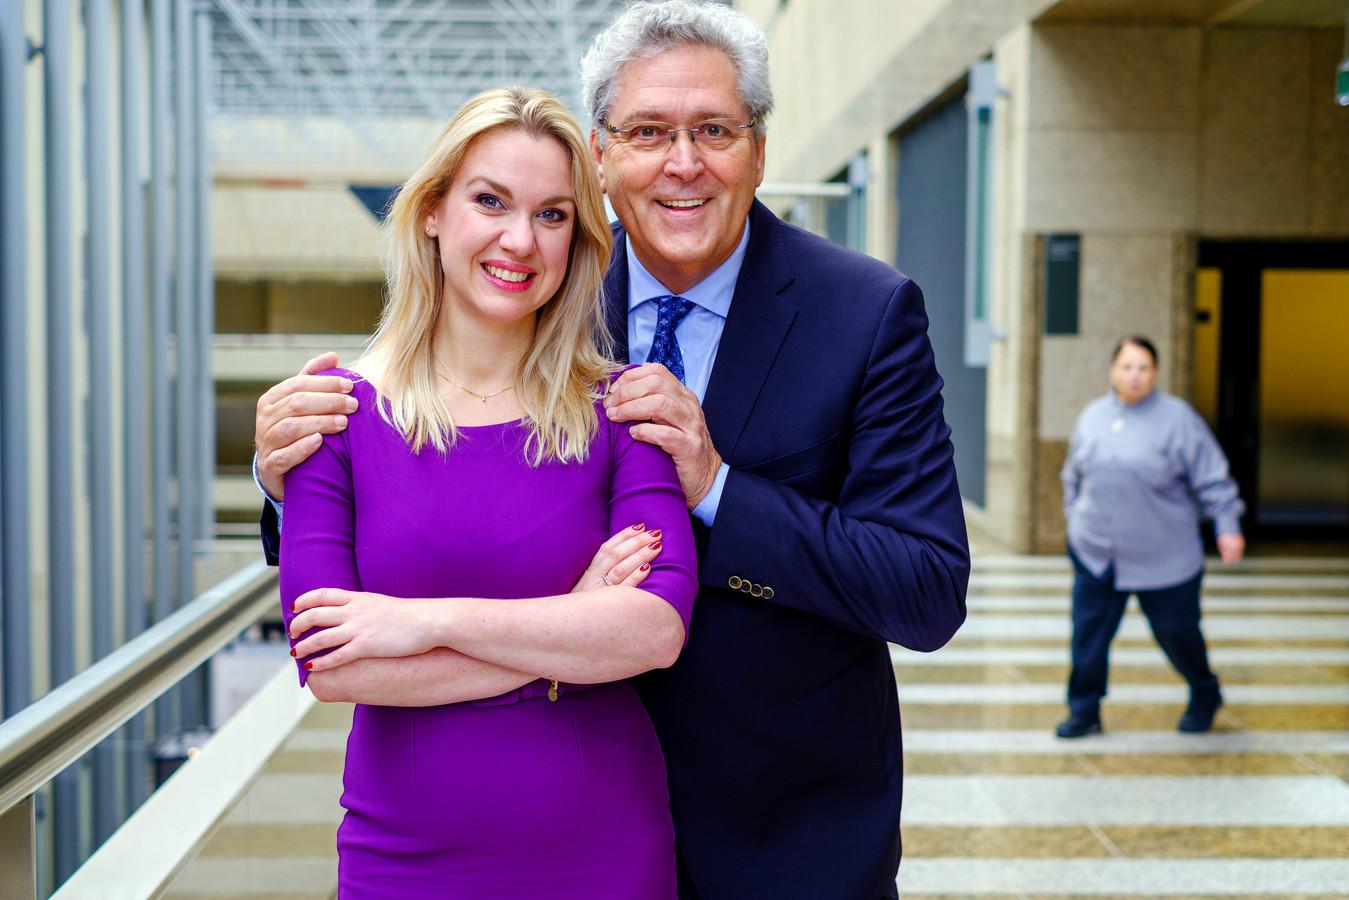 Eind december is Femke Merel van Kooten - in het geheim - lid geworden van 50Plus. De partij heeft haar hart gestolen, zo maakt ze vandaag wereldkundig.